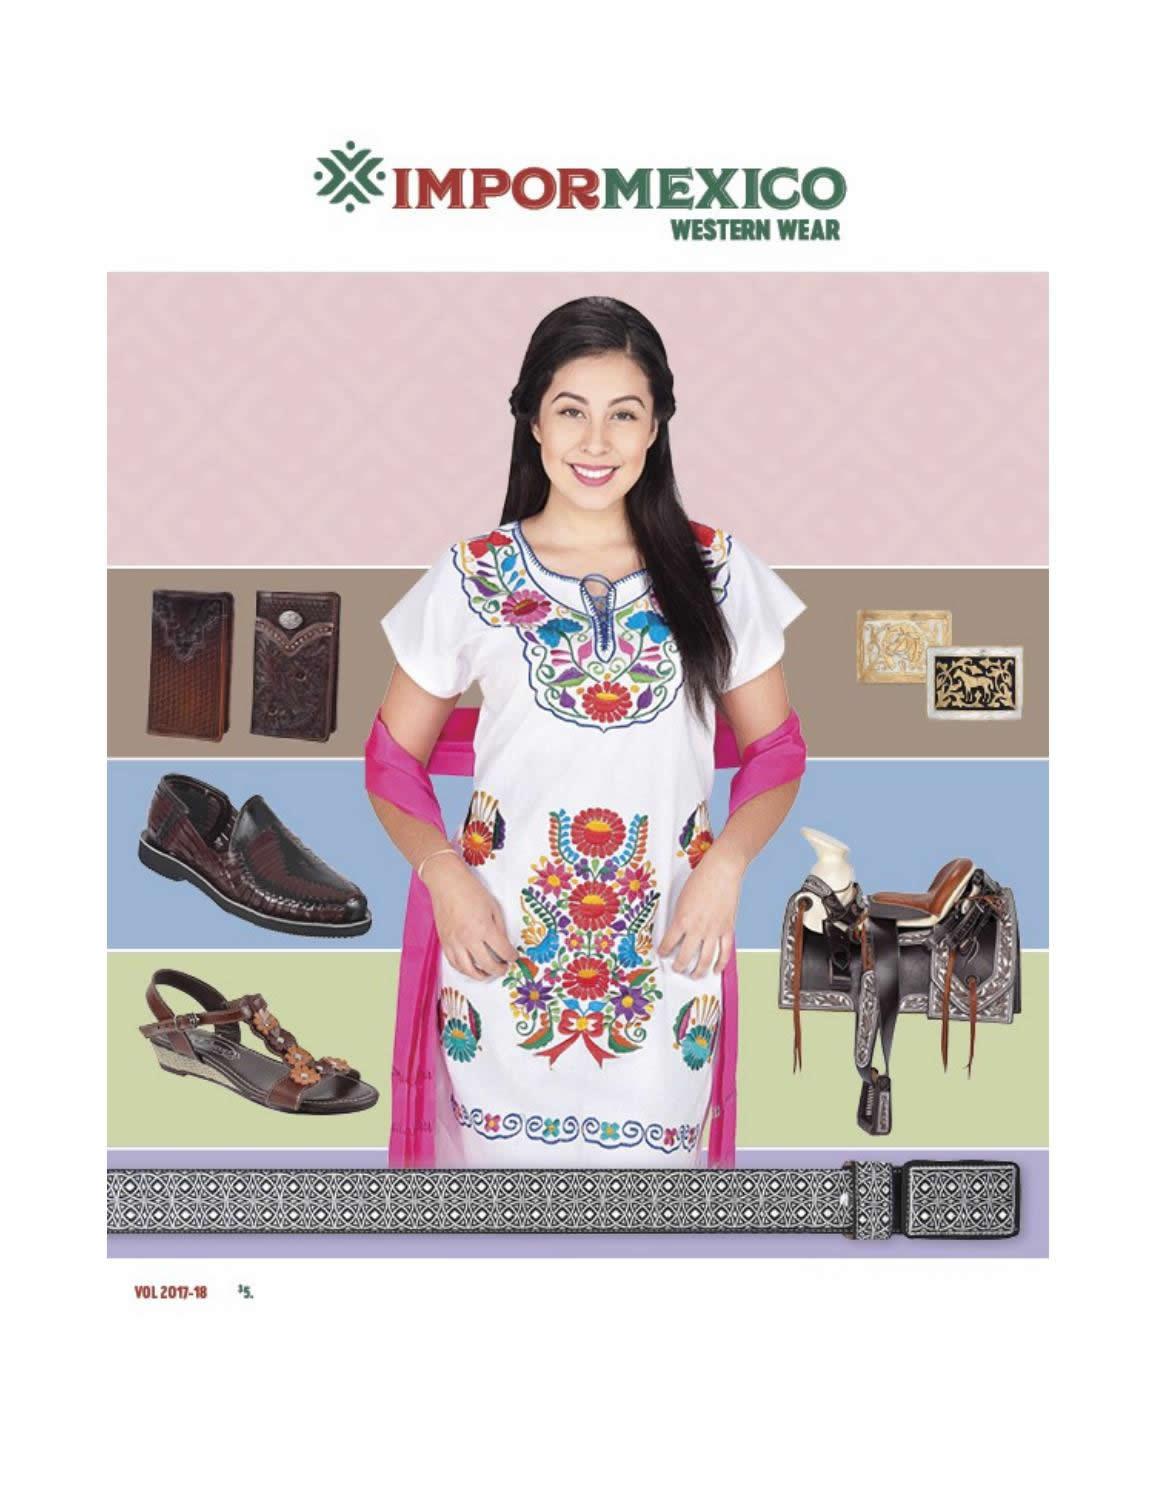 ImporMexico